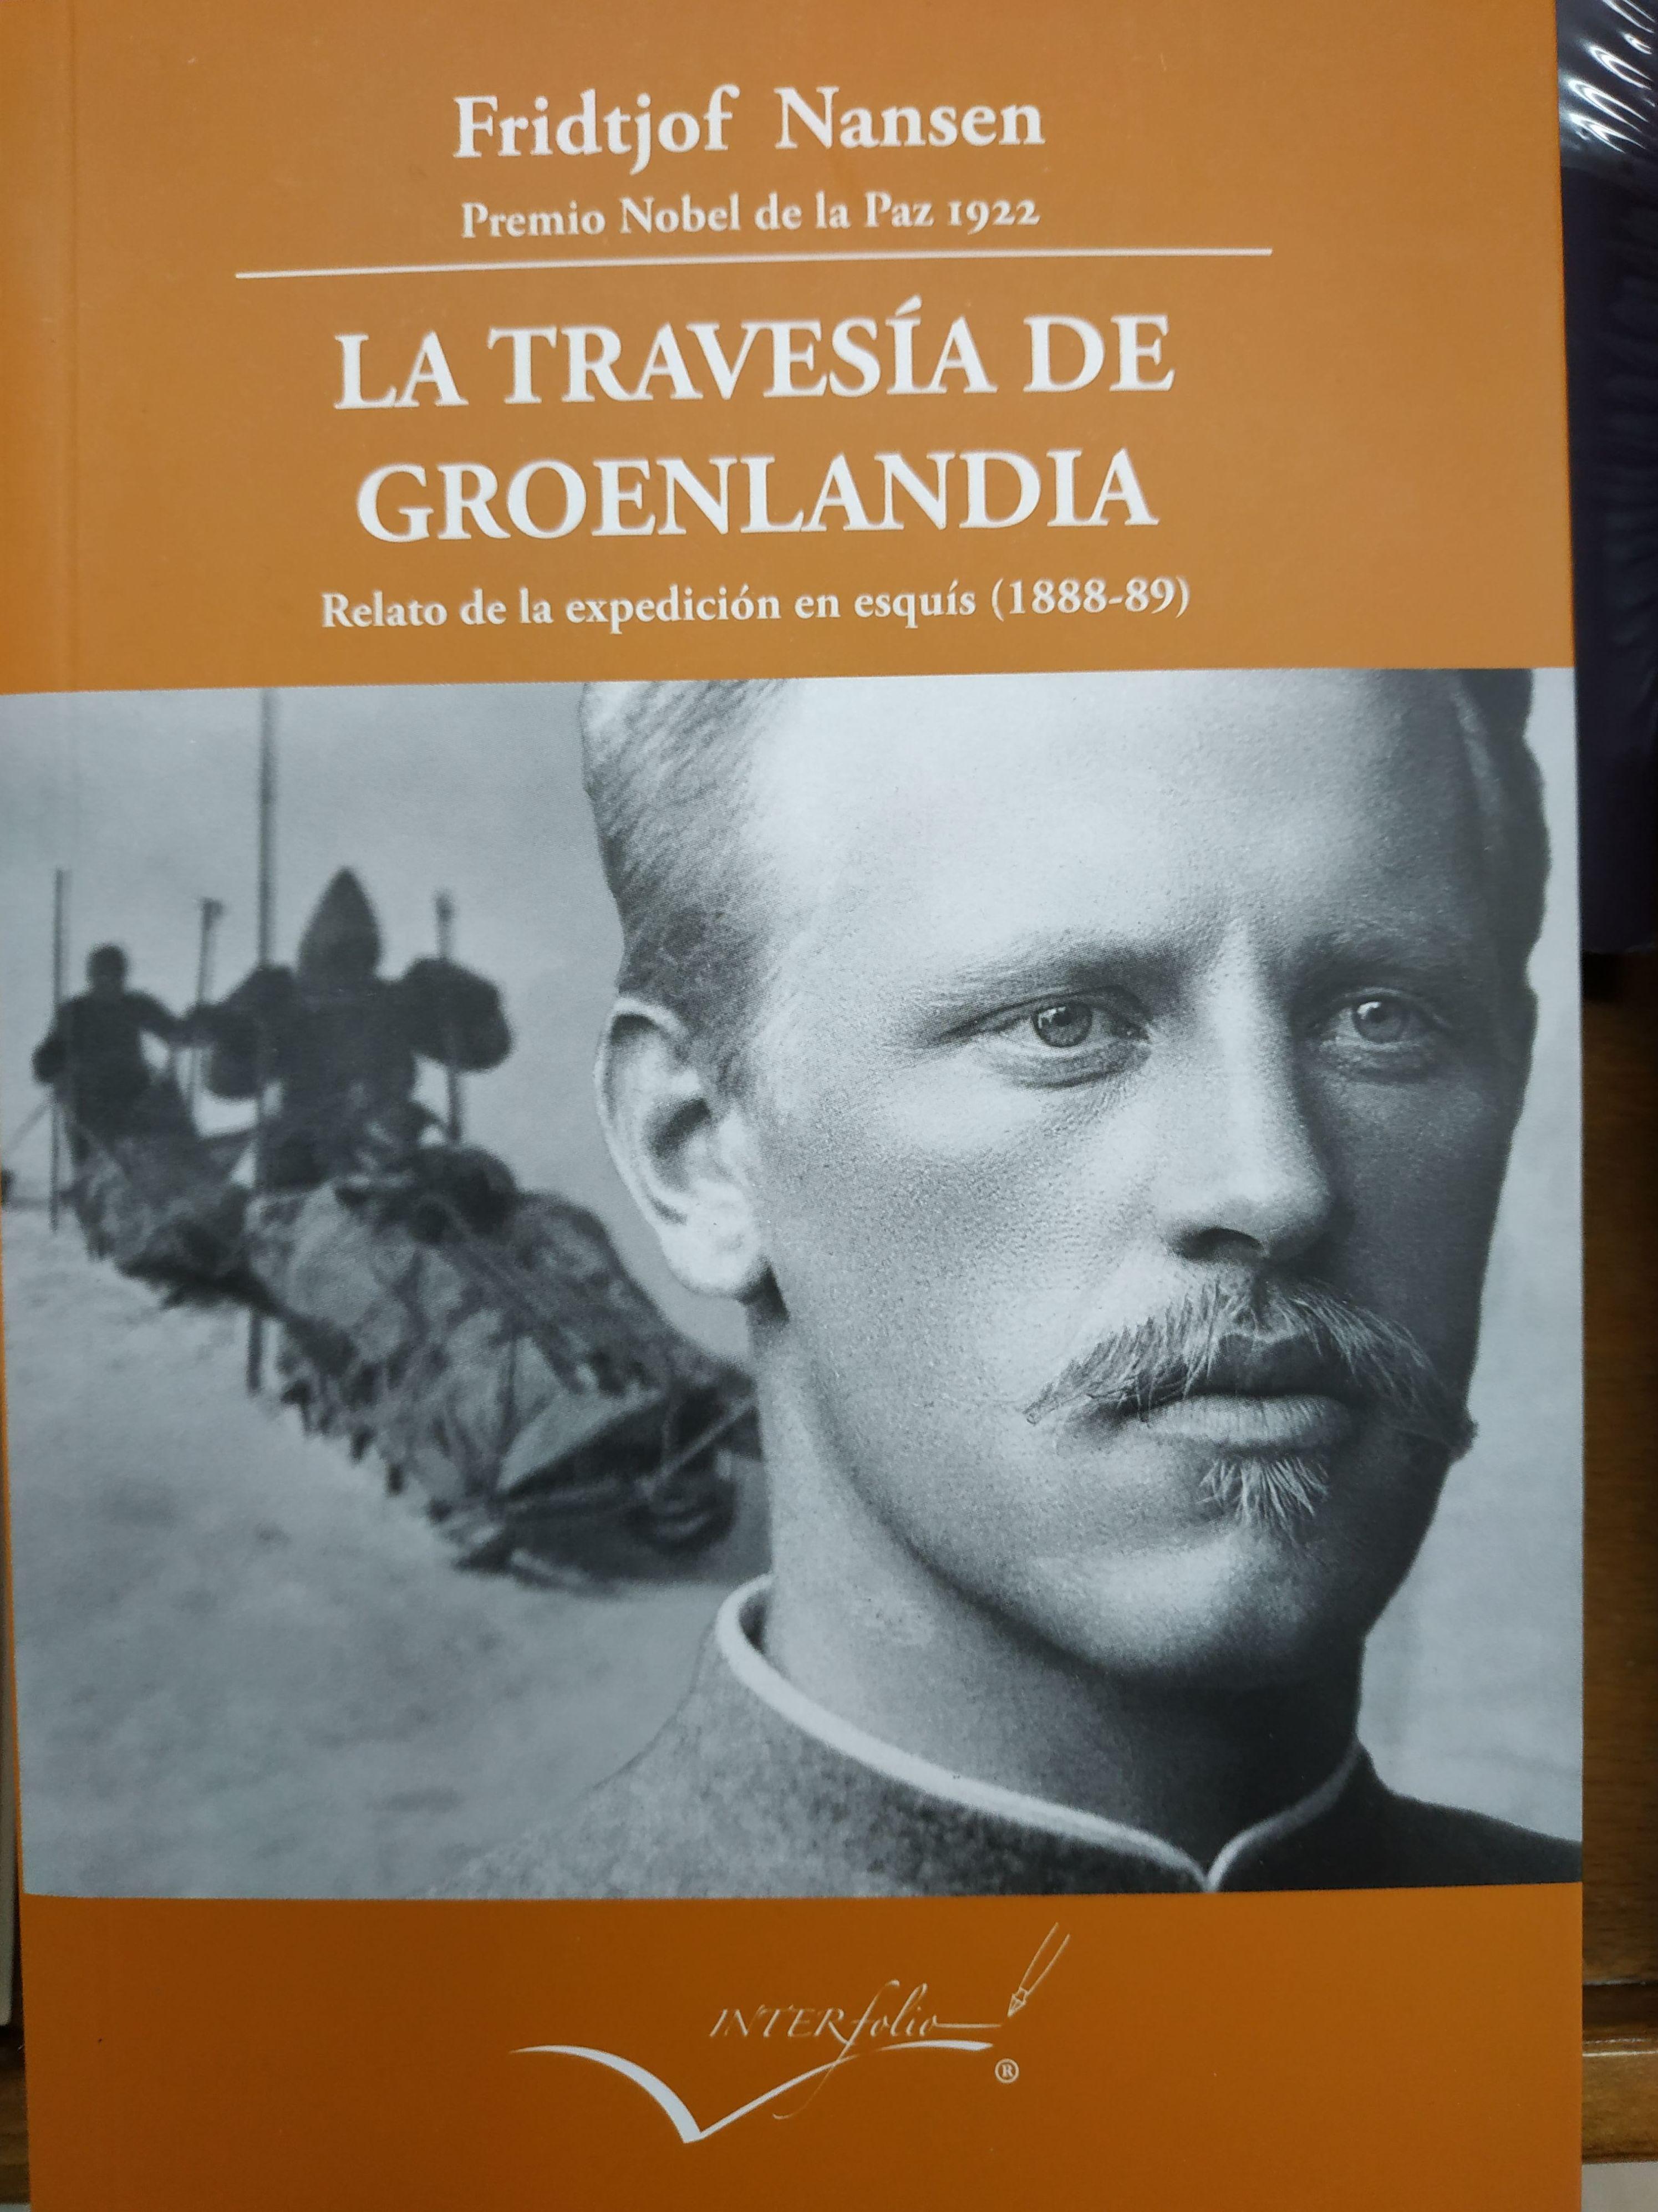 LA TRAVESÍA DE GROENLANDIA RELATO DE LA EXPEDICIÓN EN ESQUÍS (1888-89): SECCIONES de Librería Nueva Plaza Universitaria